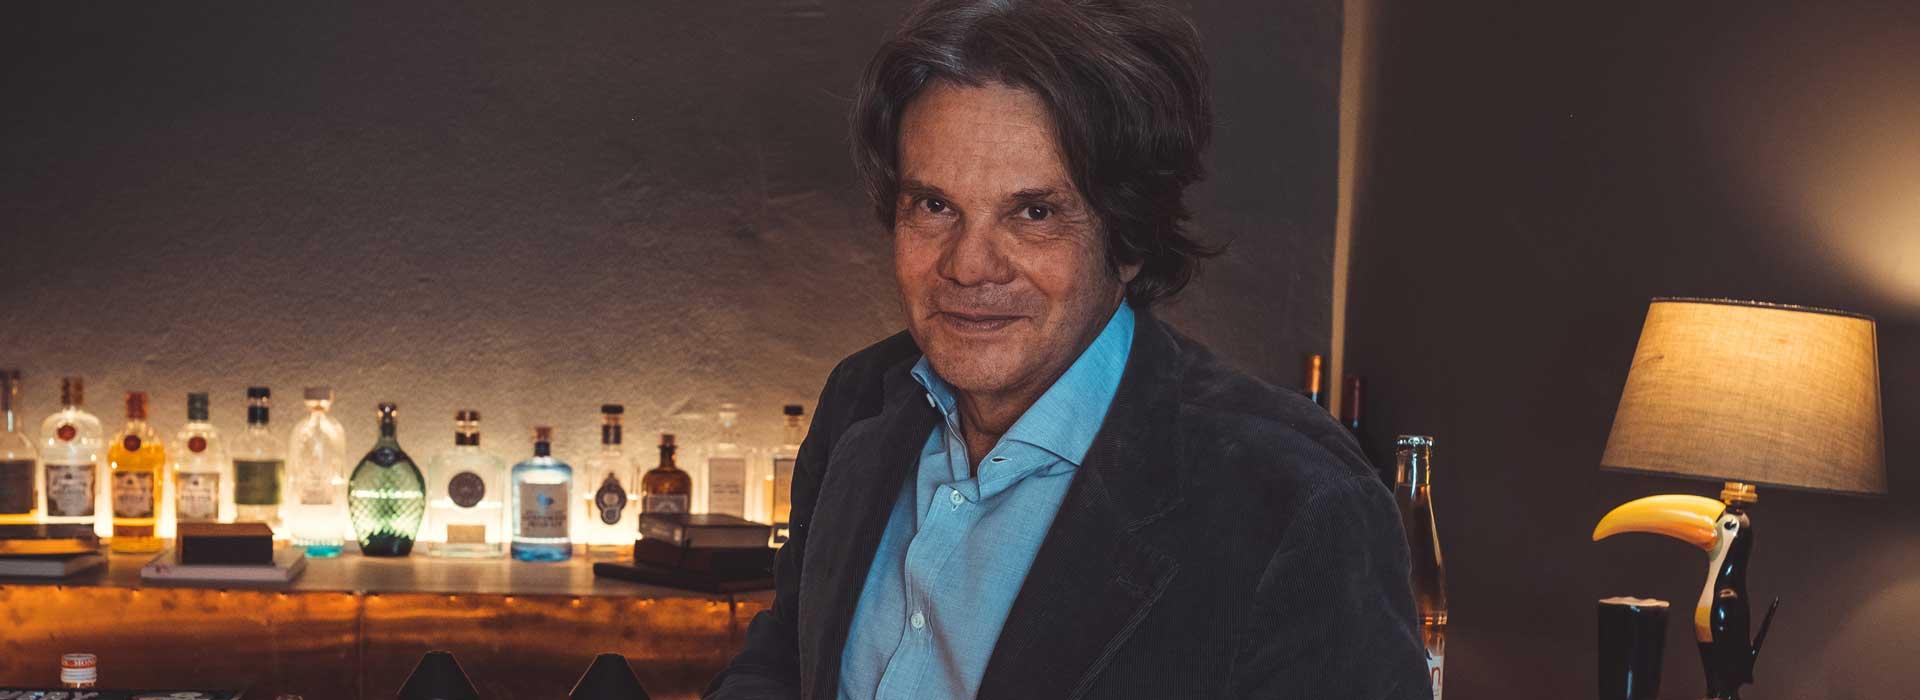 Michael Käfer über Qualität, Tradition und Leidenschaft